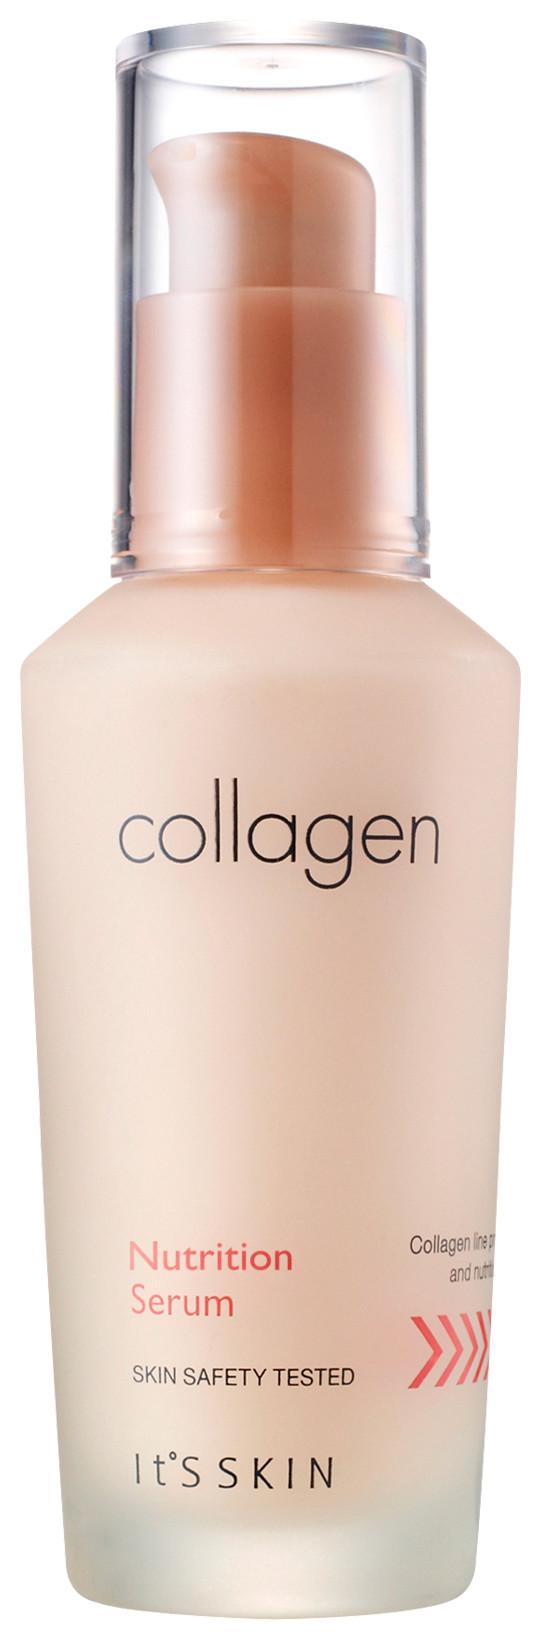 """Питательная сыворотка """"Collagen Nutrition Serum"""""""